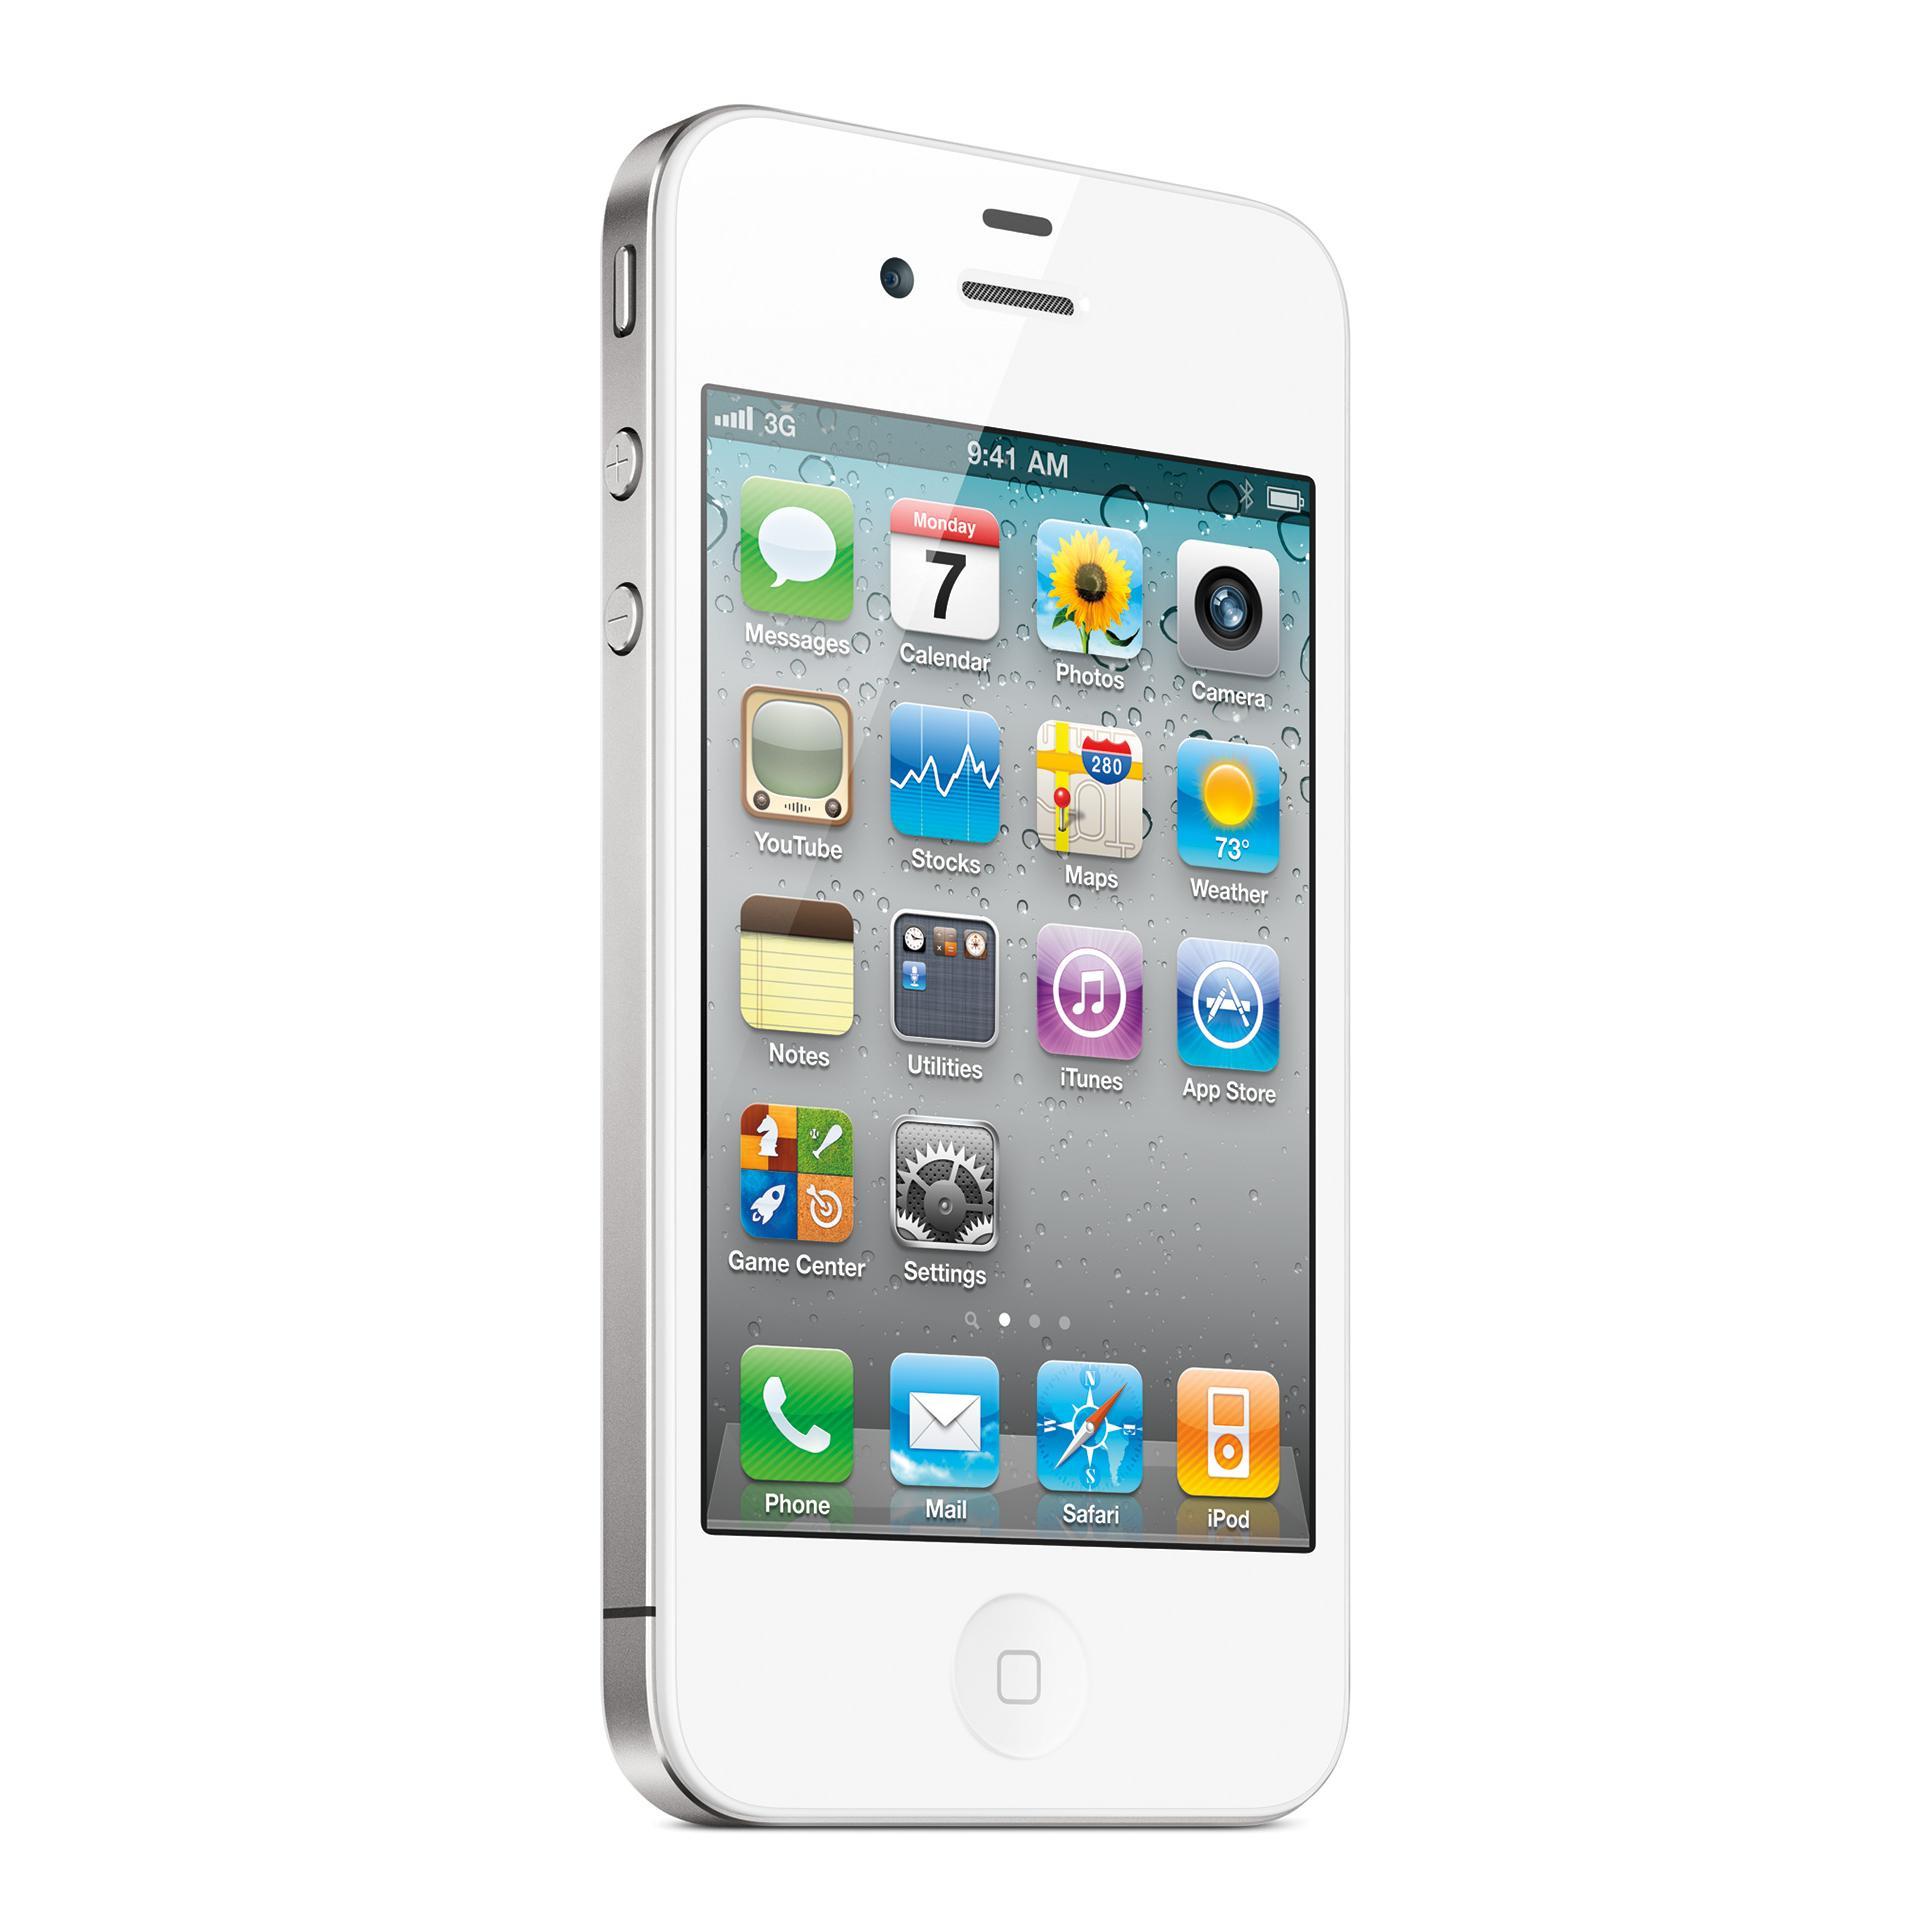 iPhone 4S 32 Go - Blanc - Débloqué